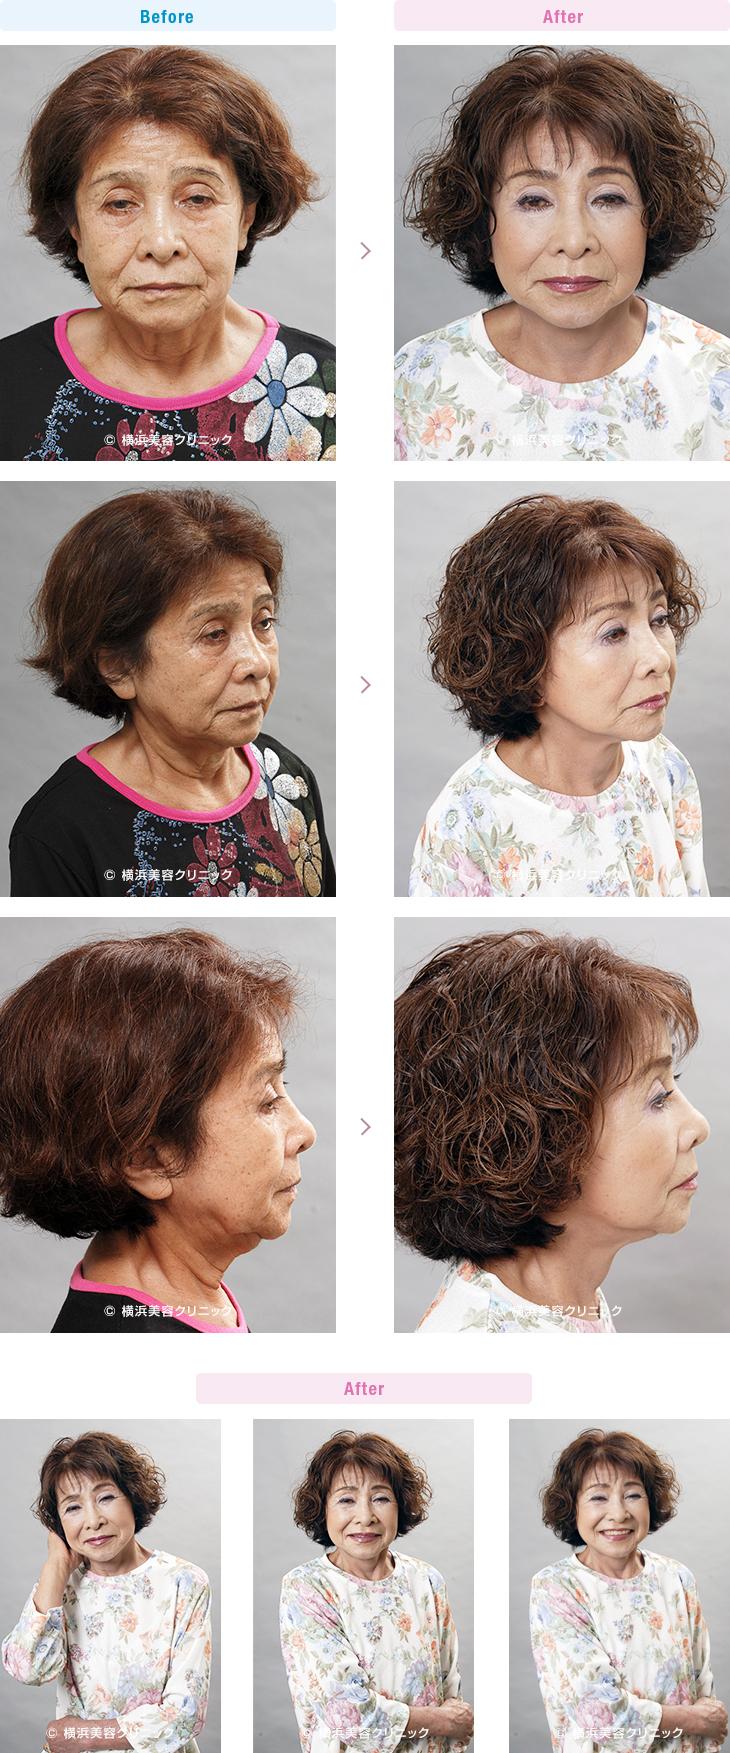 フェイスリフト 【70代女性】フェイスリフト(切開リフト)は頬だけでなく、首の弛みに対しても非常に効果的【横浜美容クリニック】